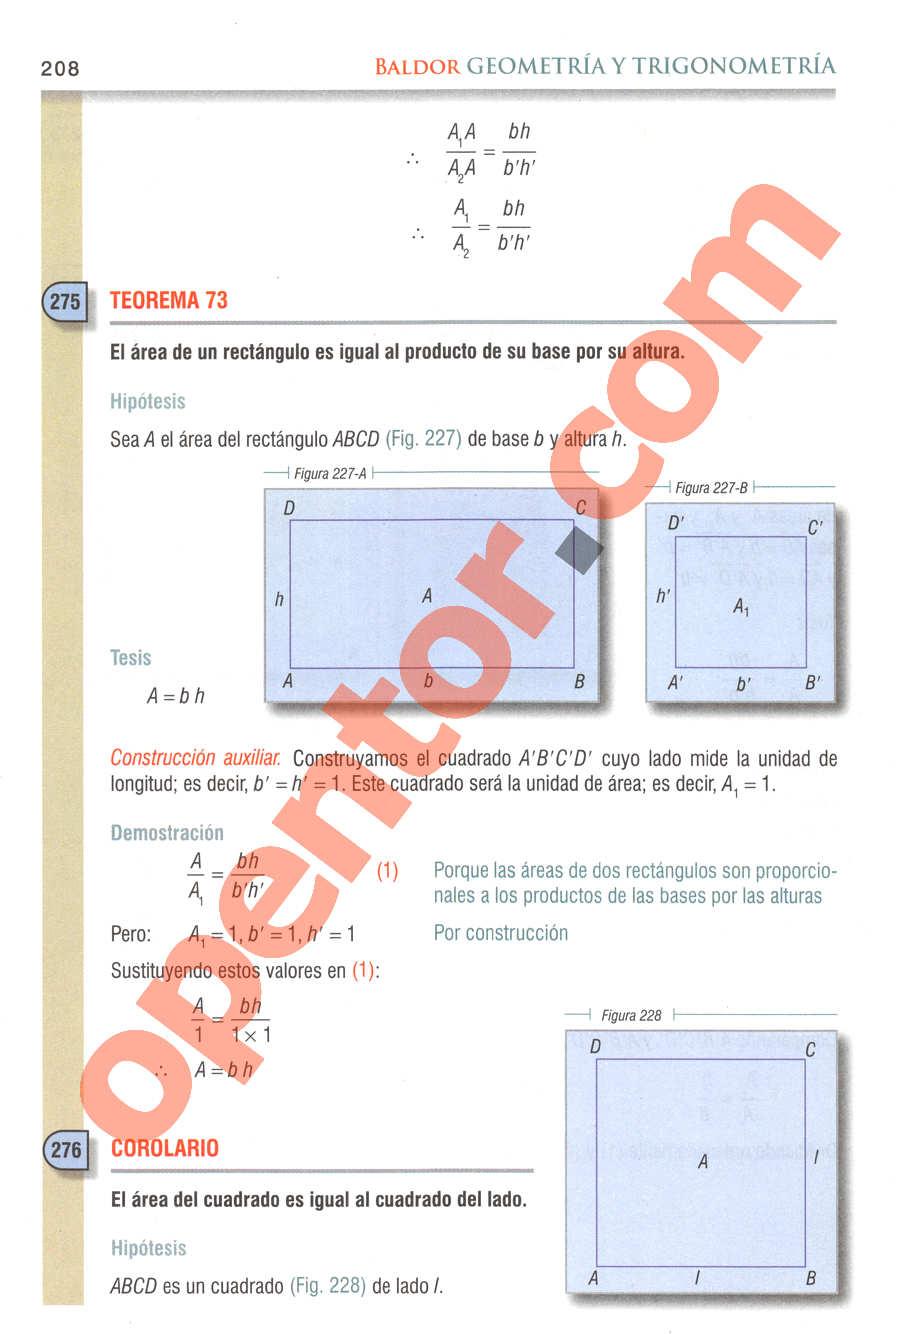 Geometría y Trigonometría de Baldor - Página 208